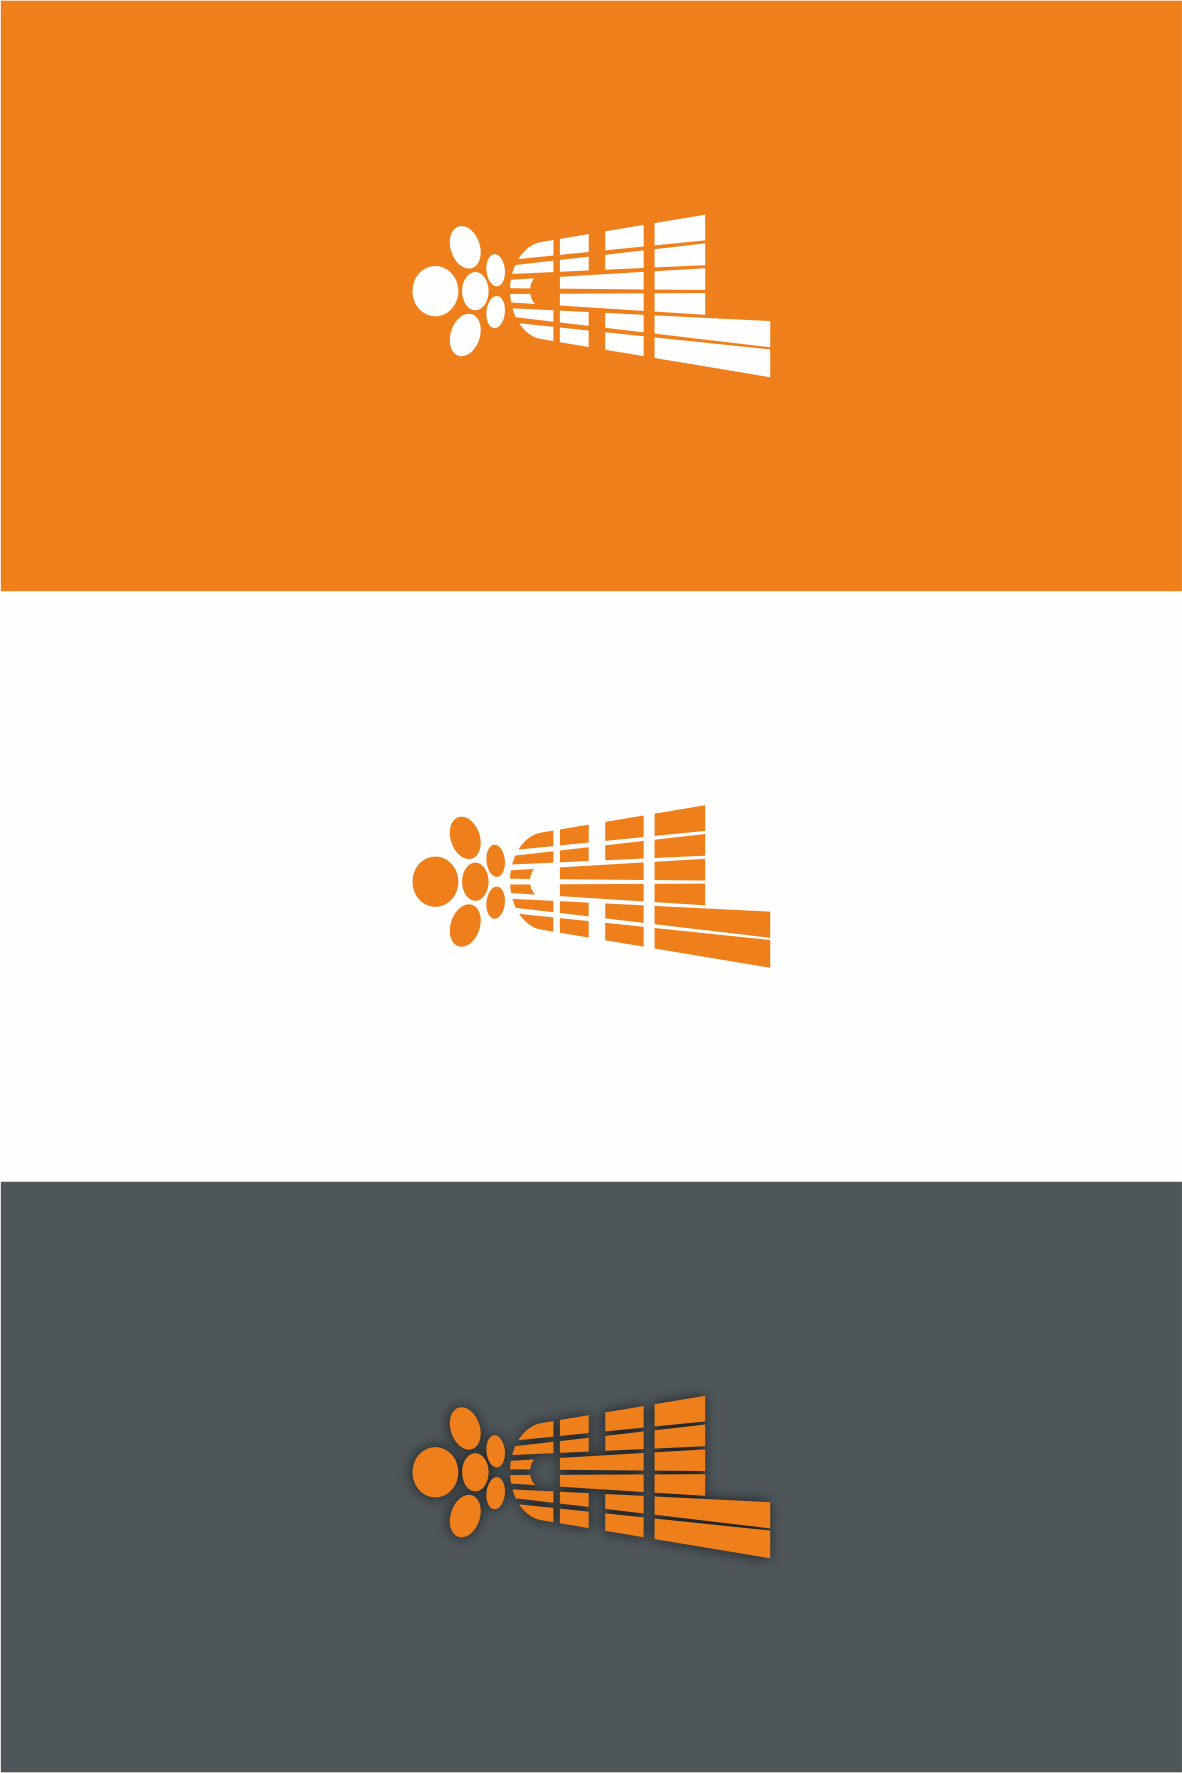 разработка логотипа для производителя фар фото f_5705f5f4d3ed9e81.png